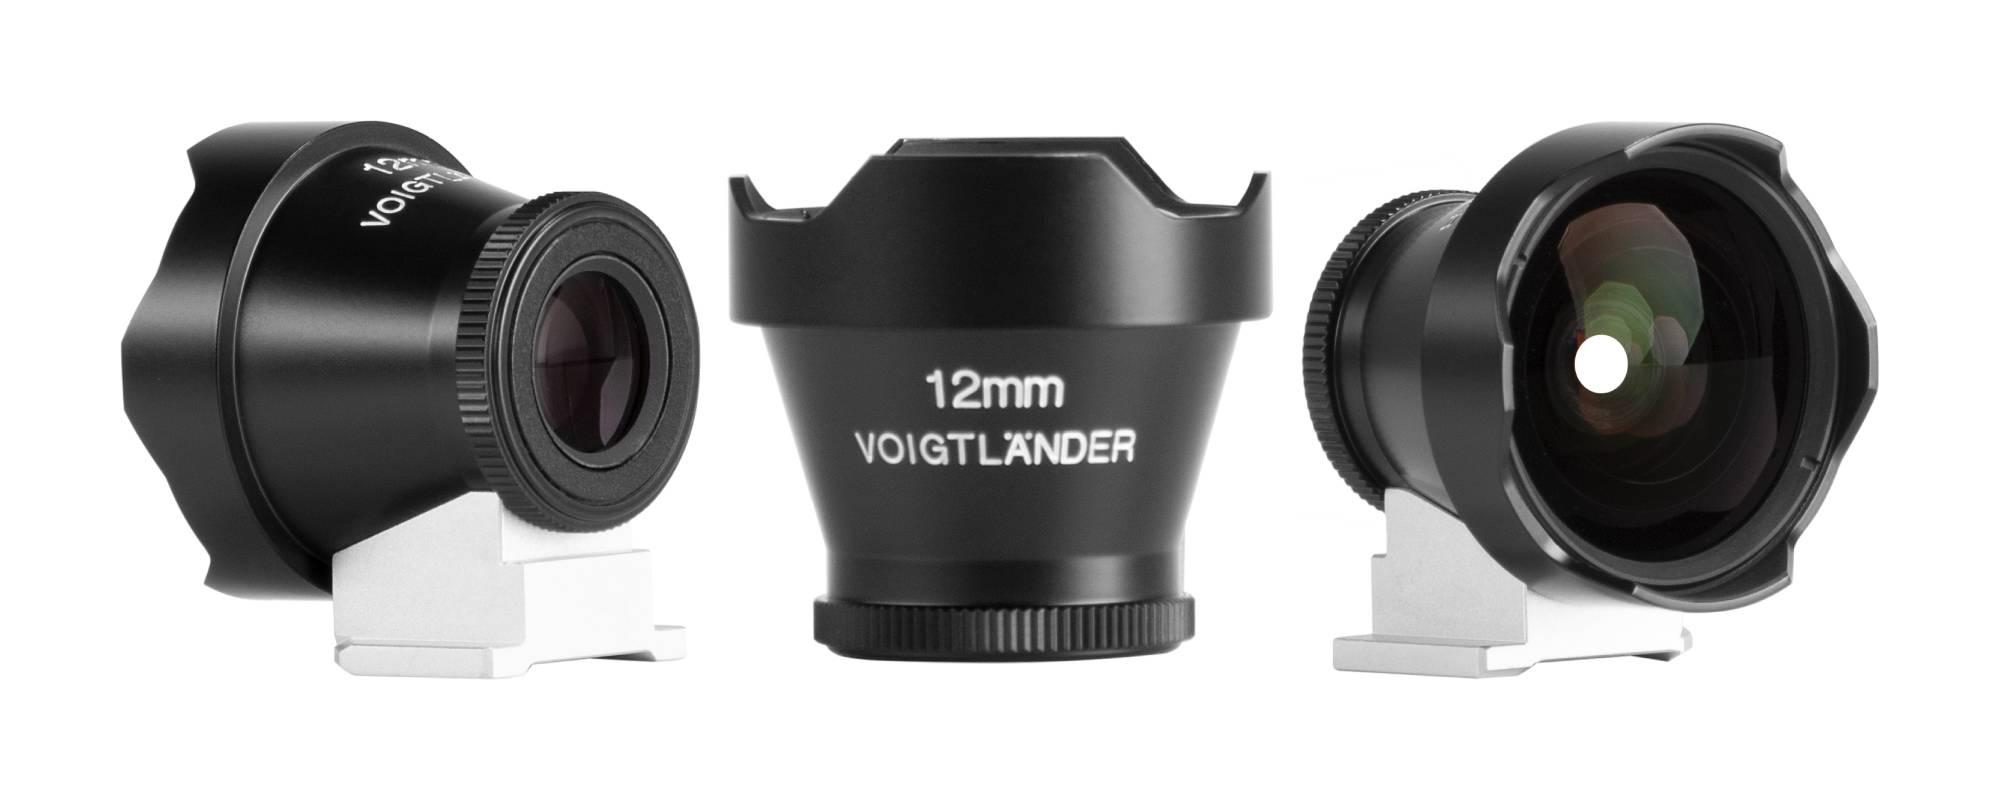 Wizjer Voigtlander Viewfinder - 12 mm - widok z przodu oraz z boku